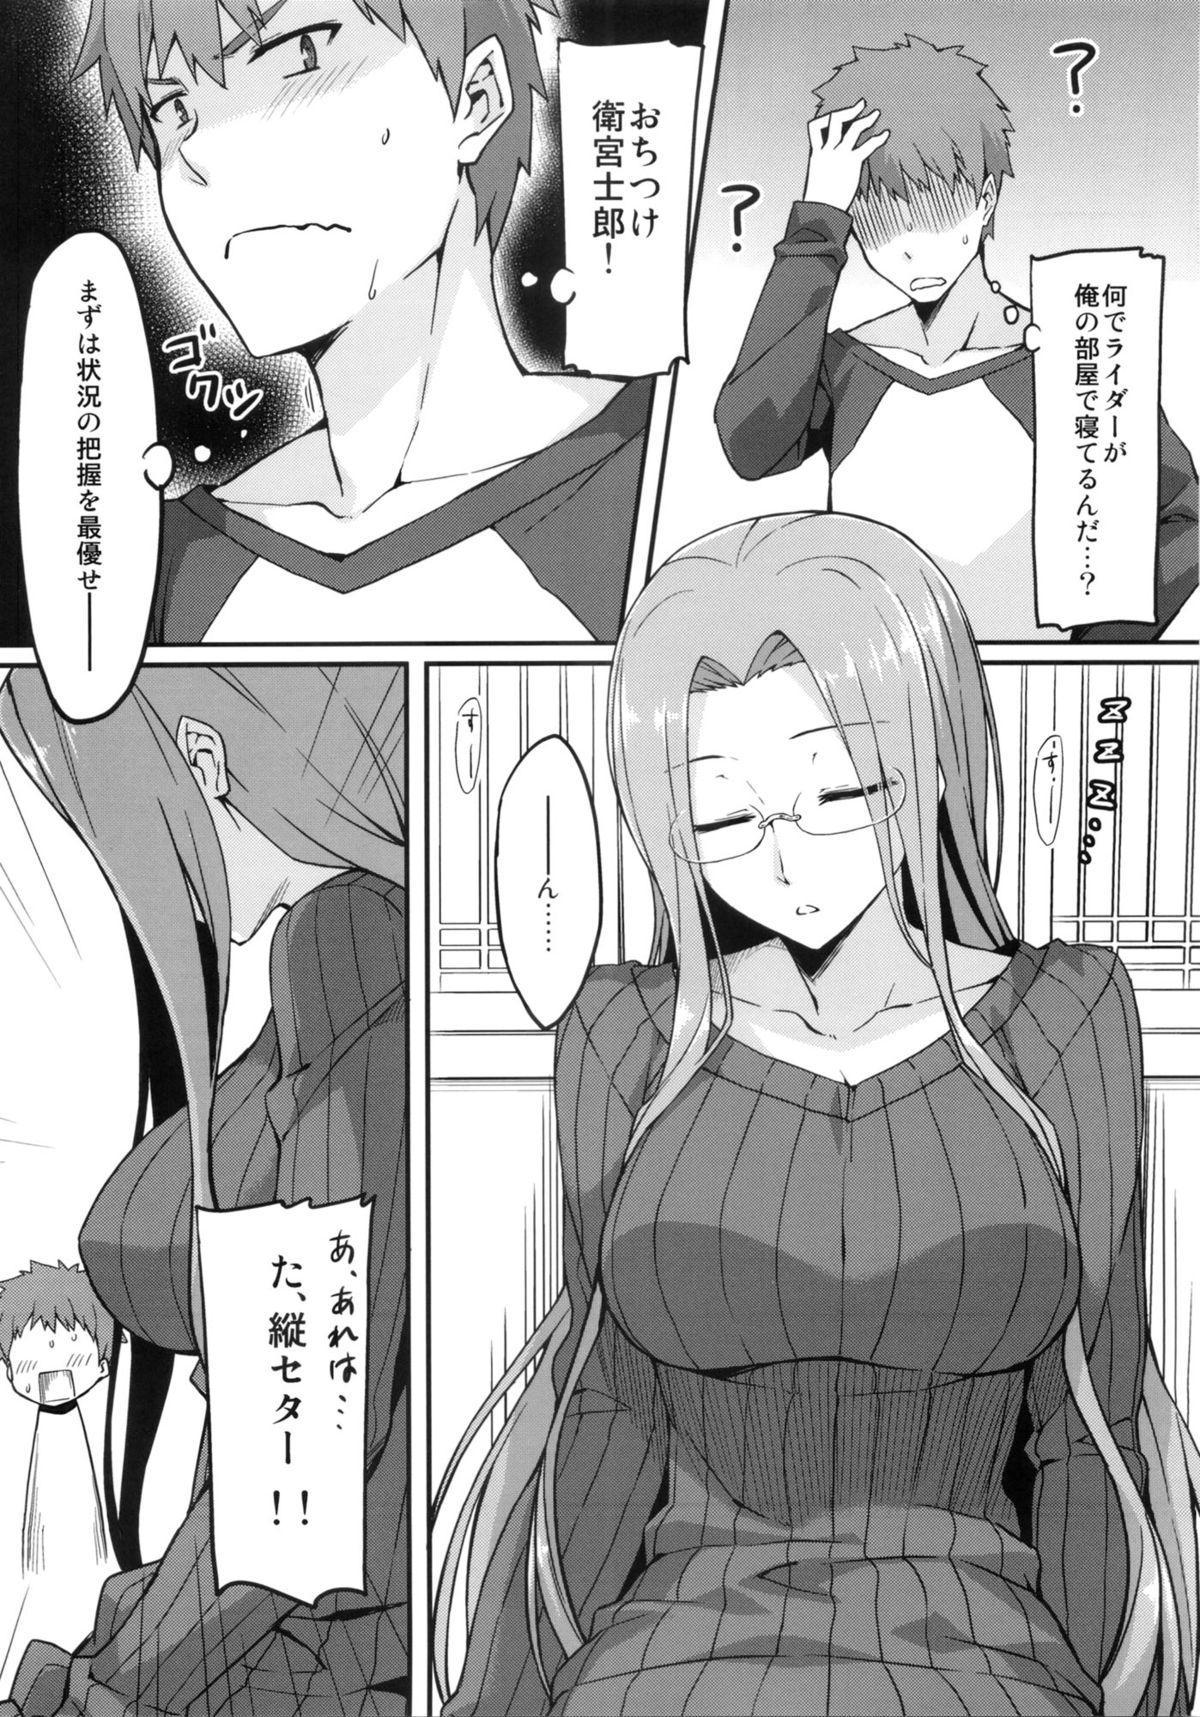 Rider-san to Tate Sweater. 2